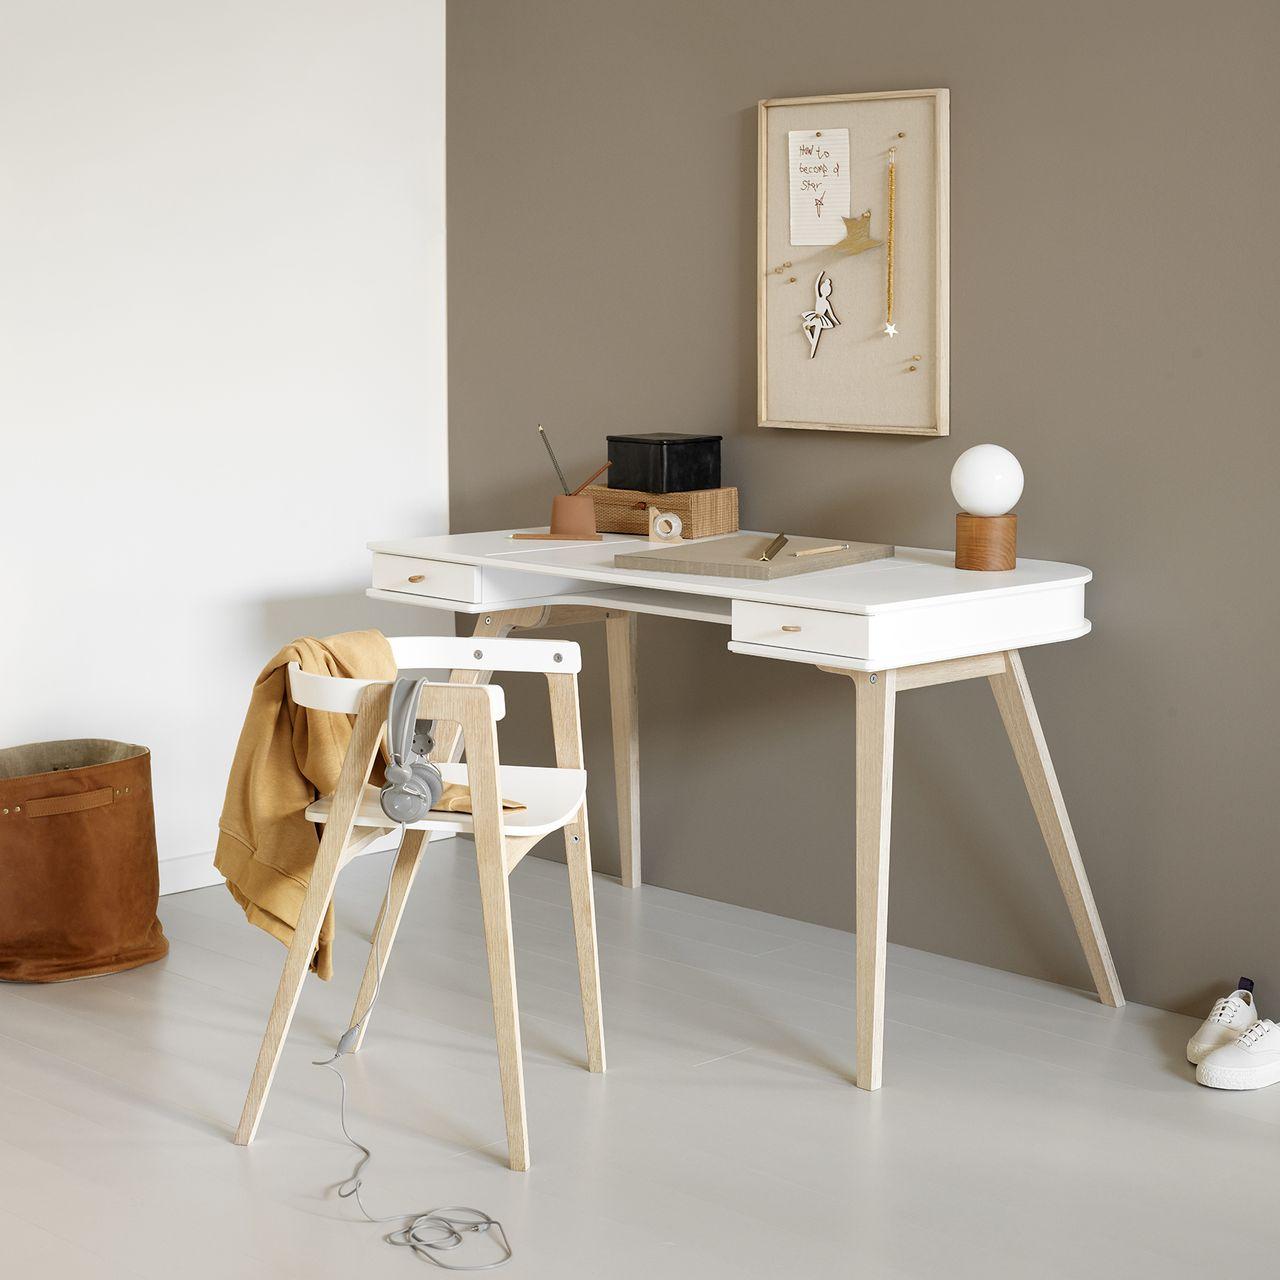 Oliver Furniture Armlehnstuhl Wood in Berlin kaufen - Kleine Fabriek